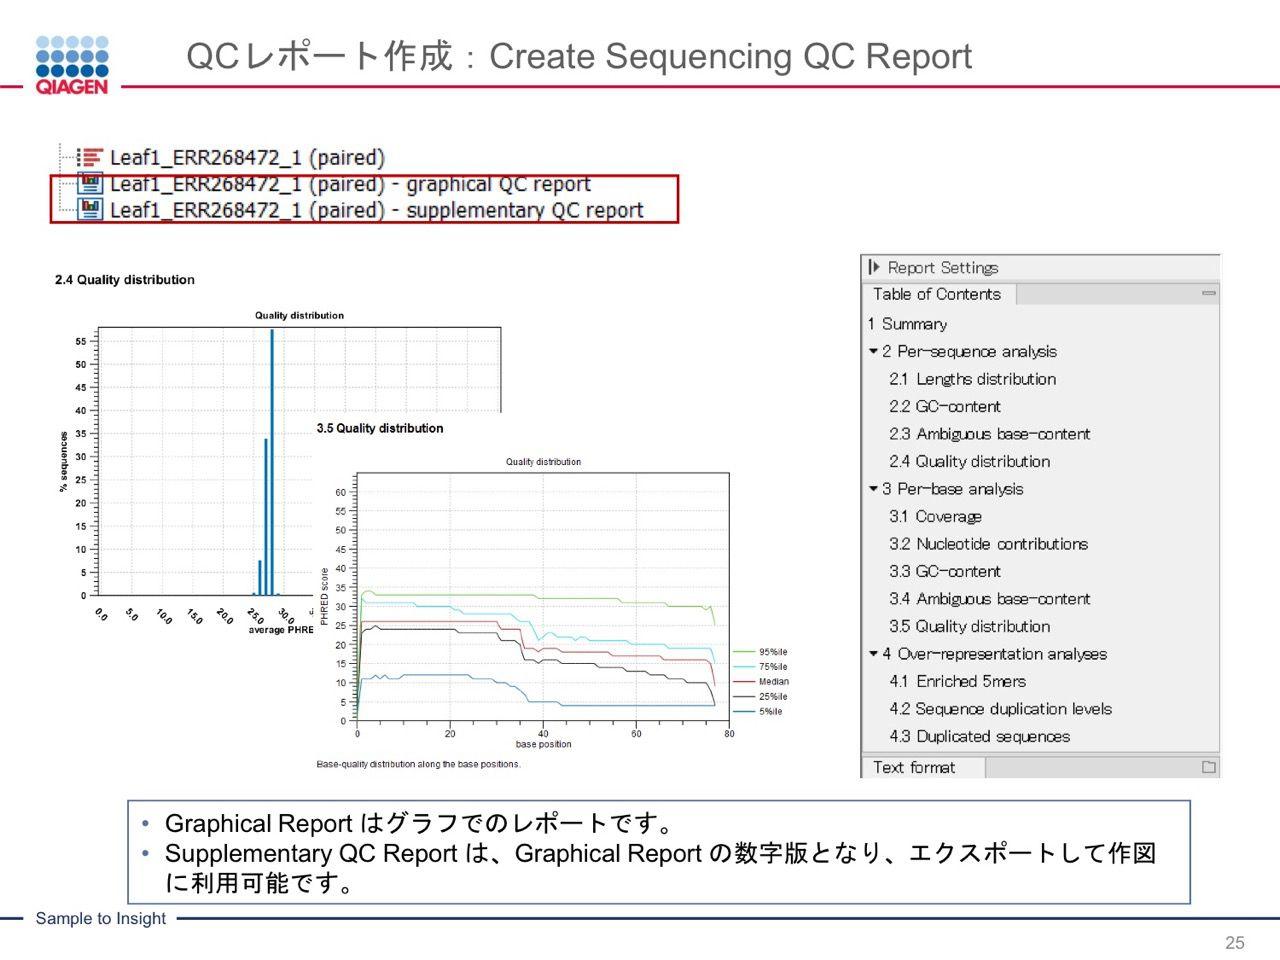 images/AJACSa2_miyamoto_025.jpg